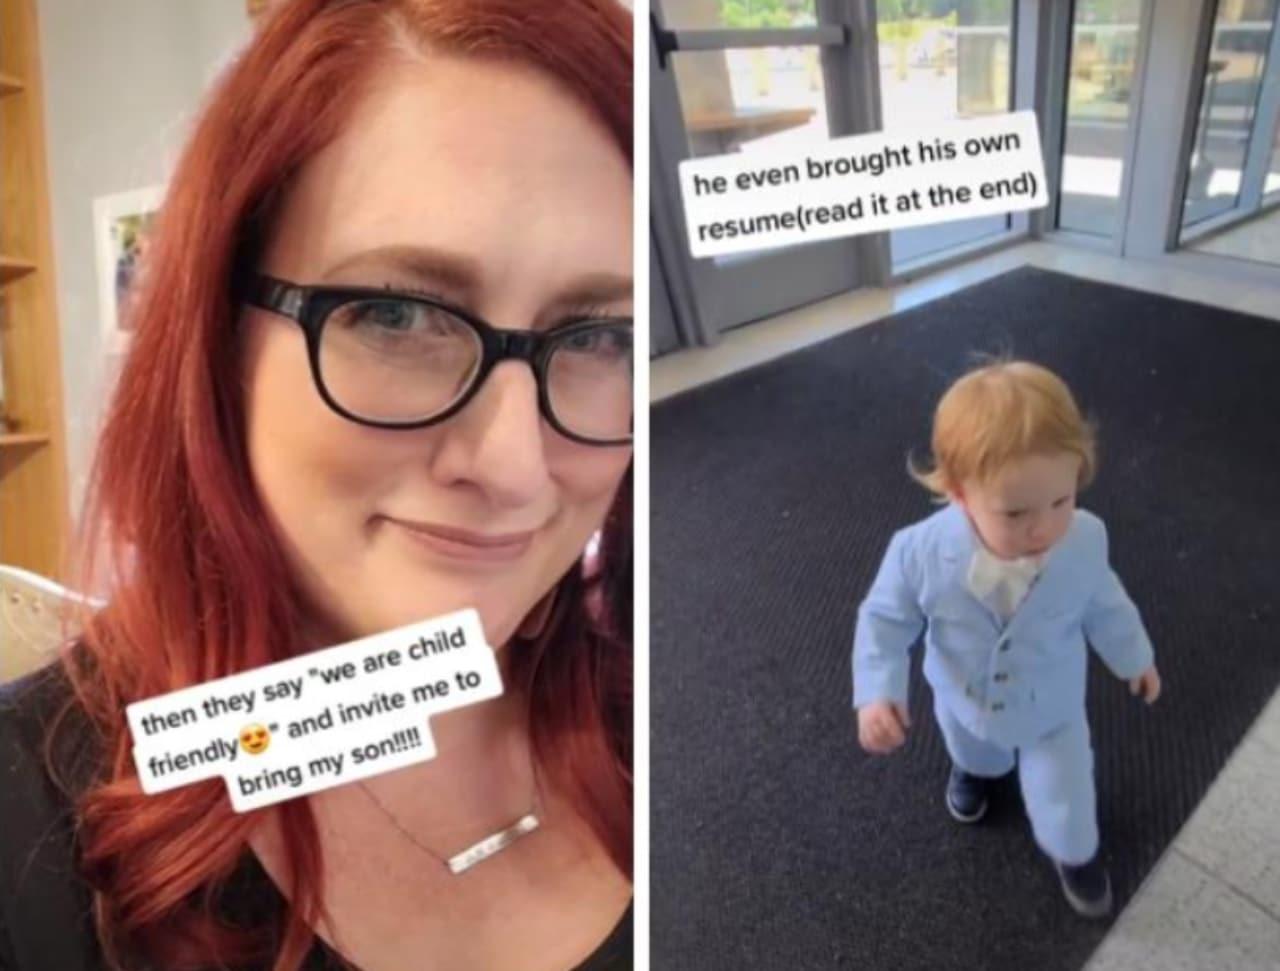 Madre llevó a su bebé a entrevista de trabajo en Missouri